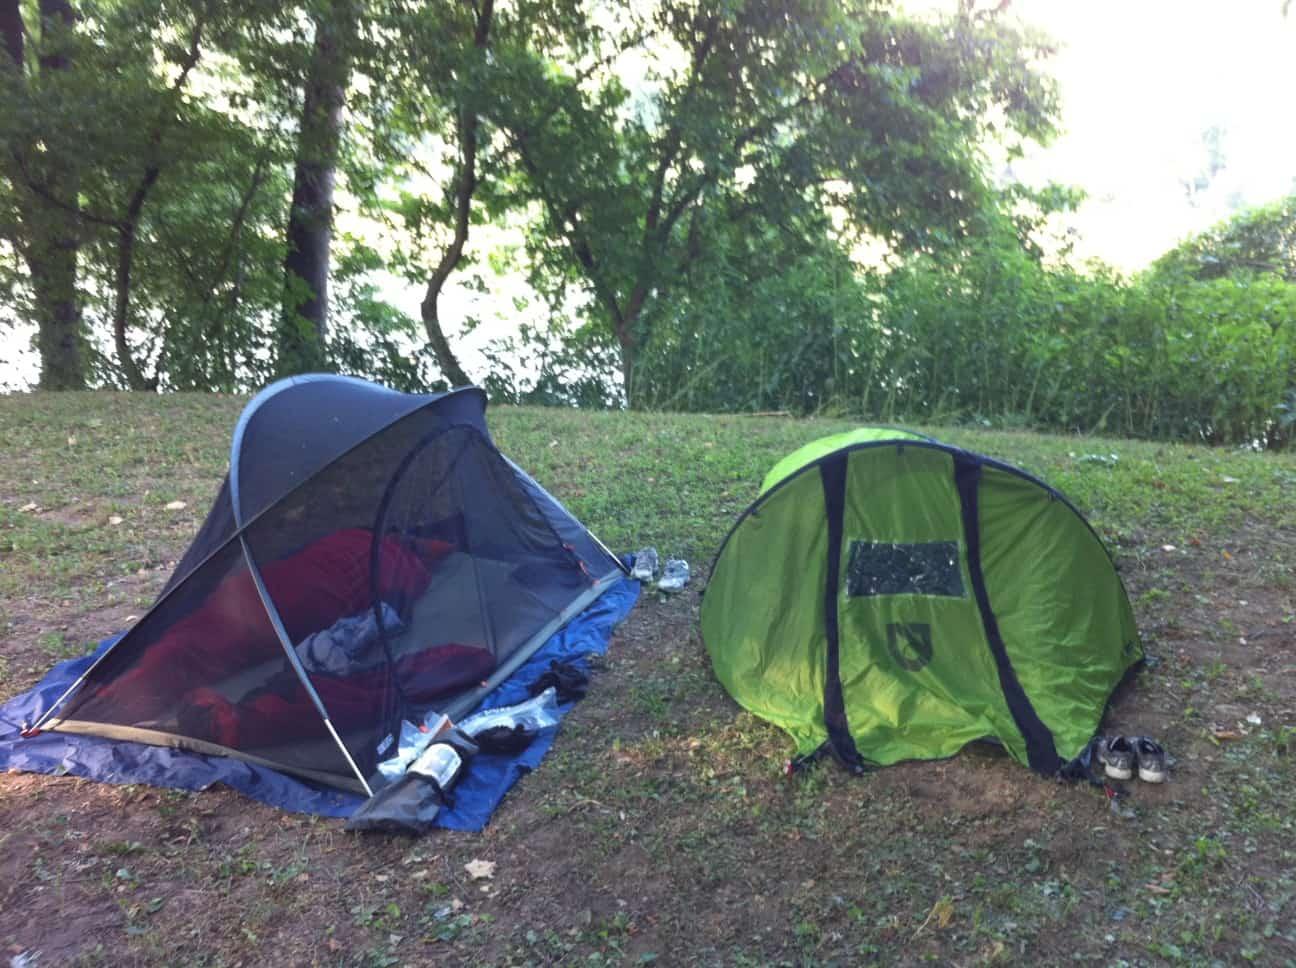 bug net and bivy sack: